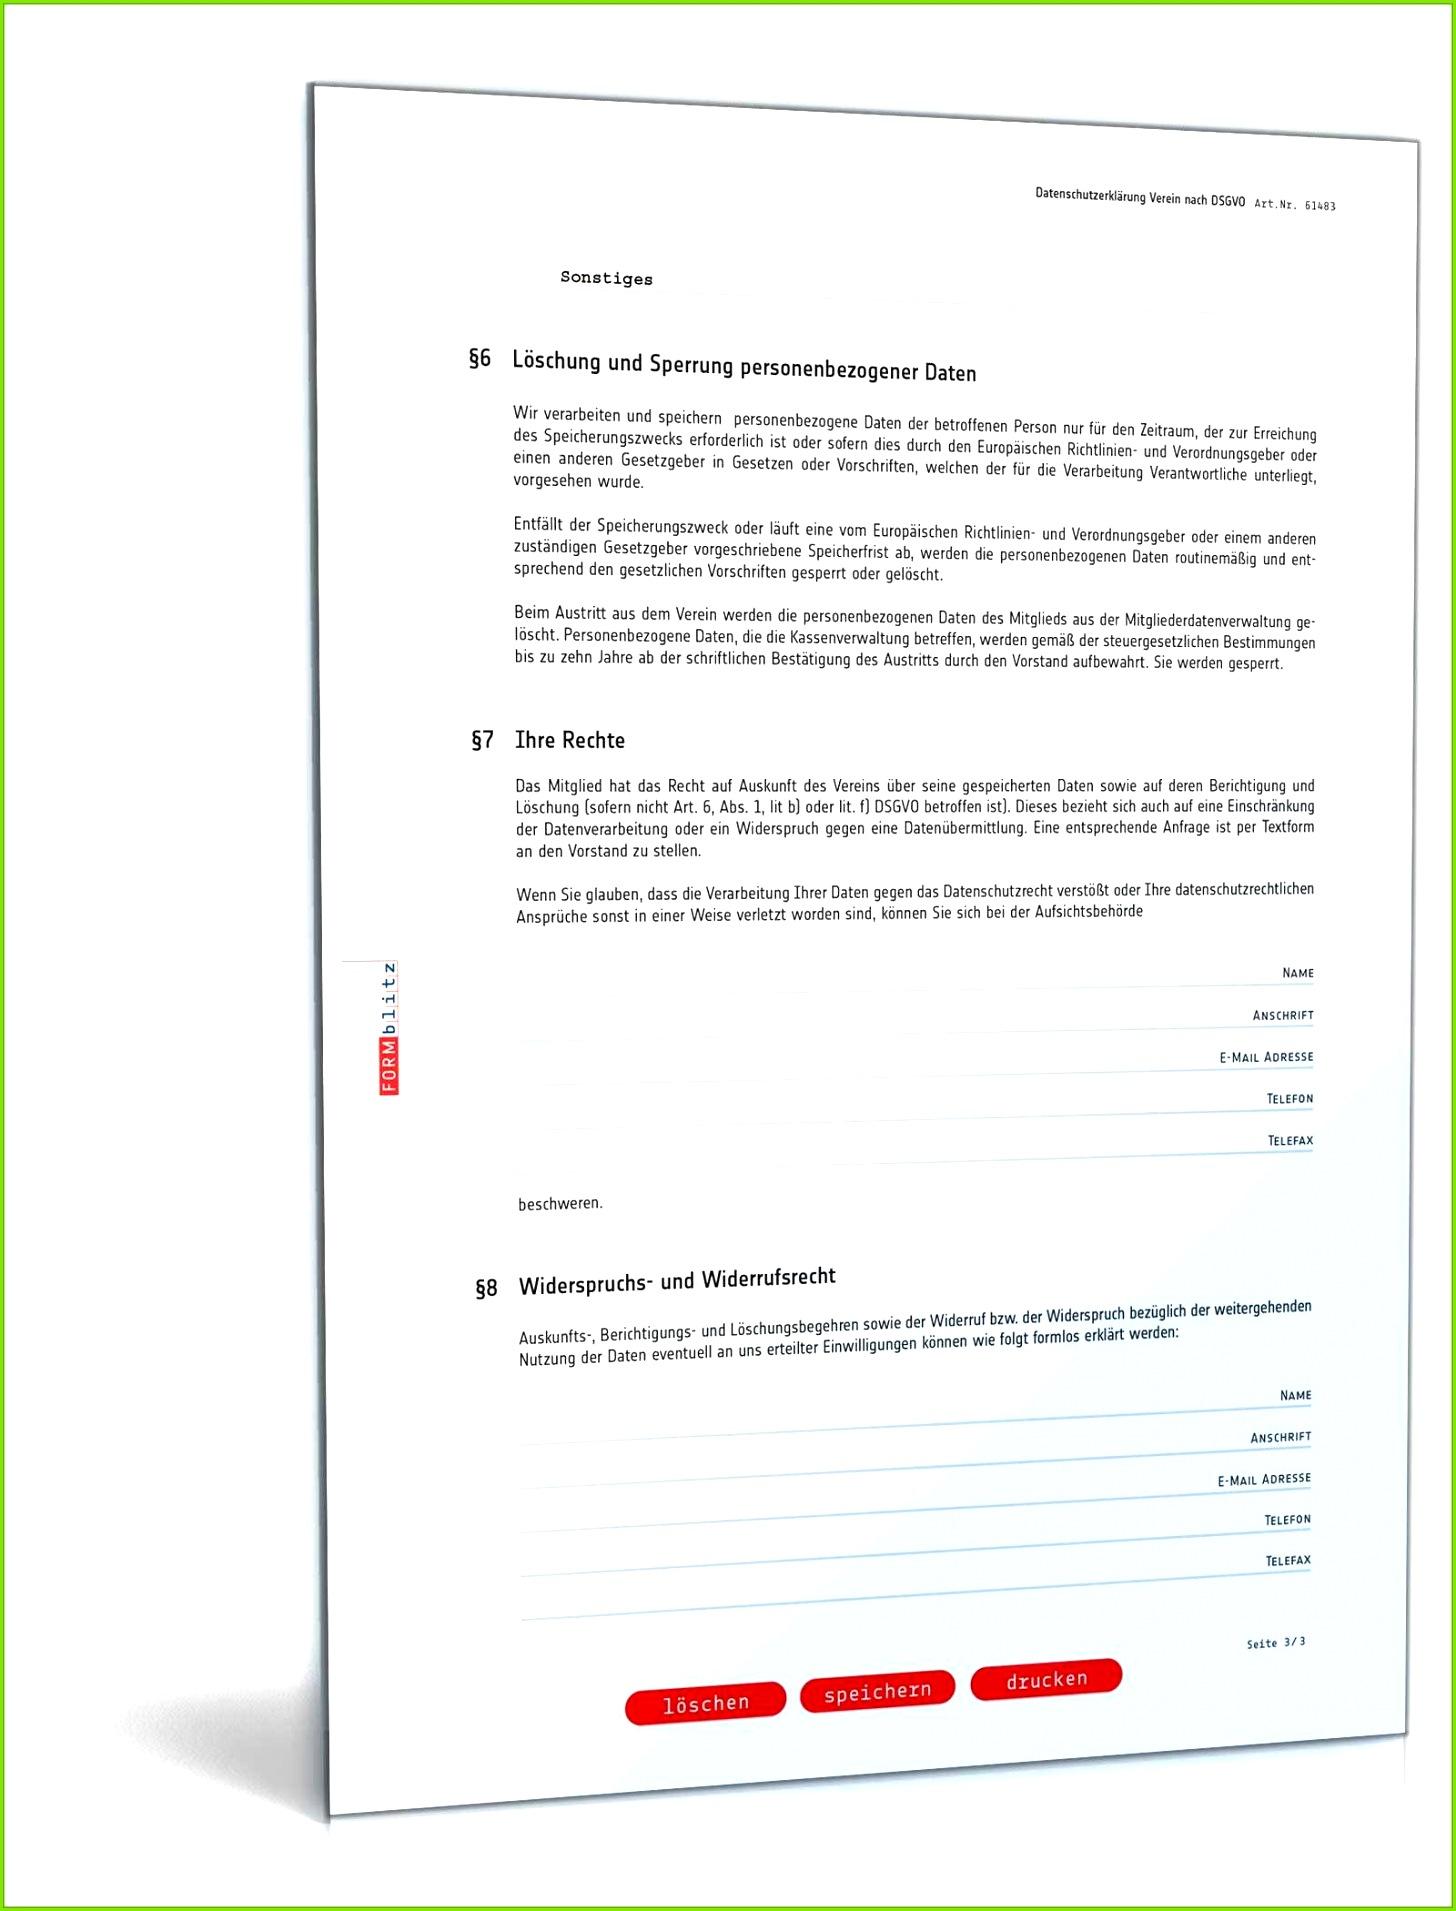 unvergleichlich datenschutzerklarung verein muster zum von einwilligungserklarung dsgvo vorlage verein